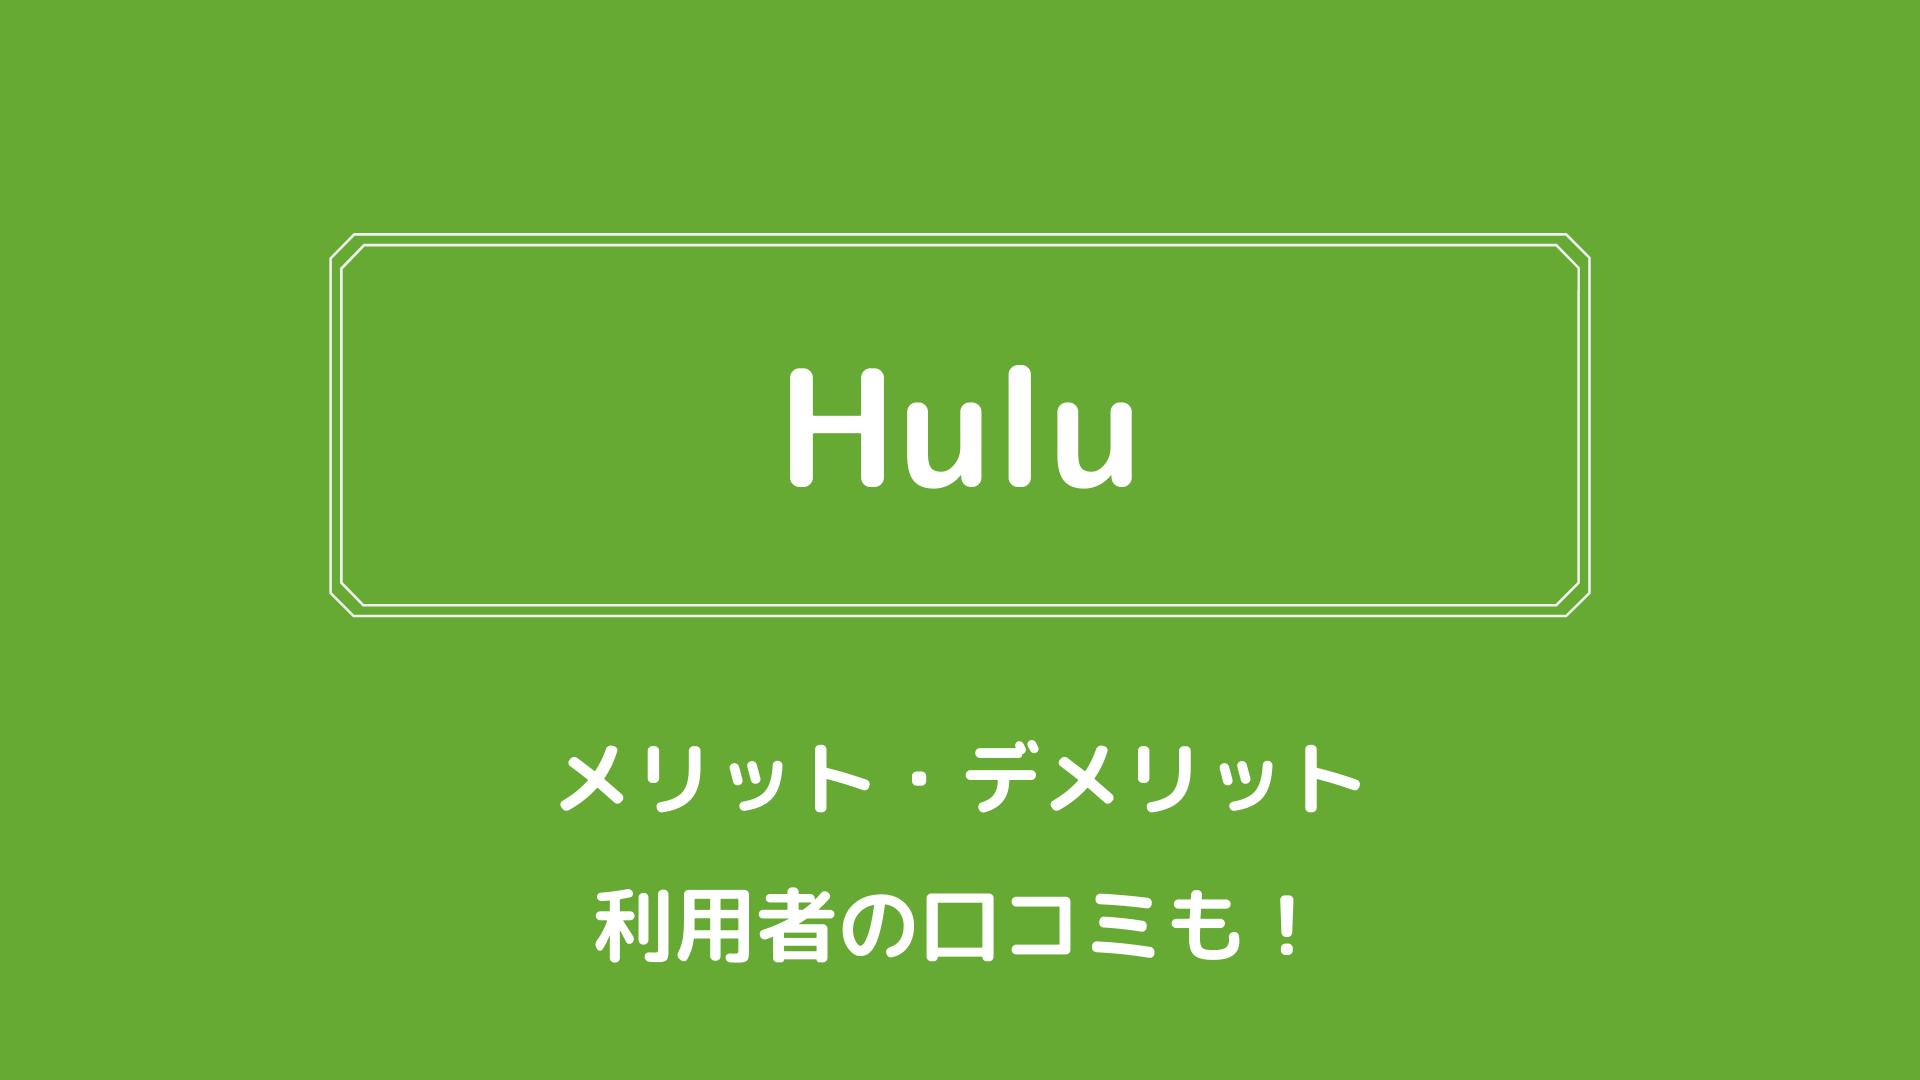 【完全版】Huluのメリット・デメリット、料金や評判を徹底解説!